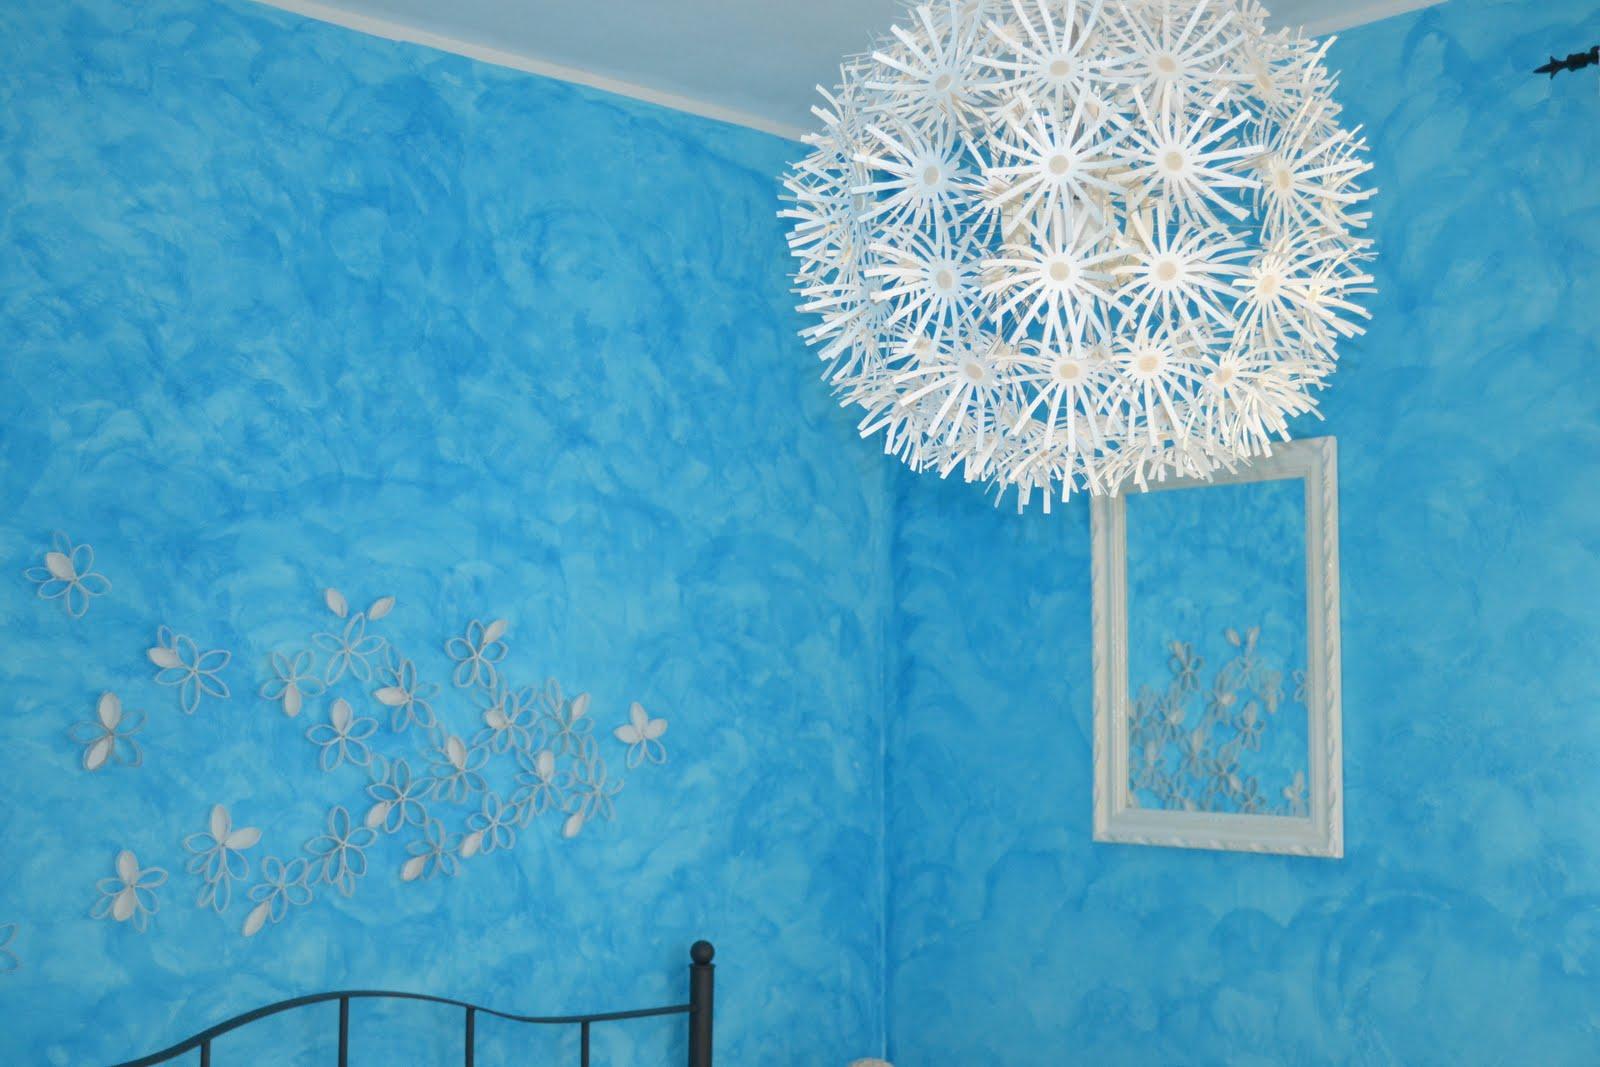 Aggiungo questa foto per mostrare il lampadario ikea Maskros e lo ...